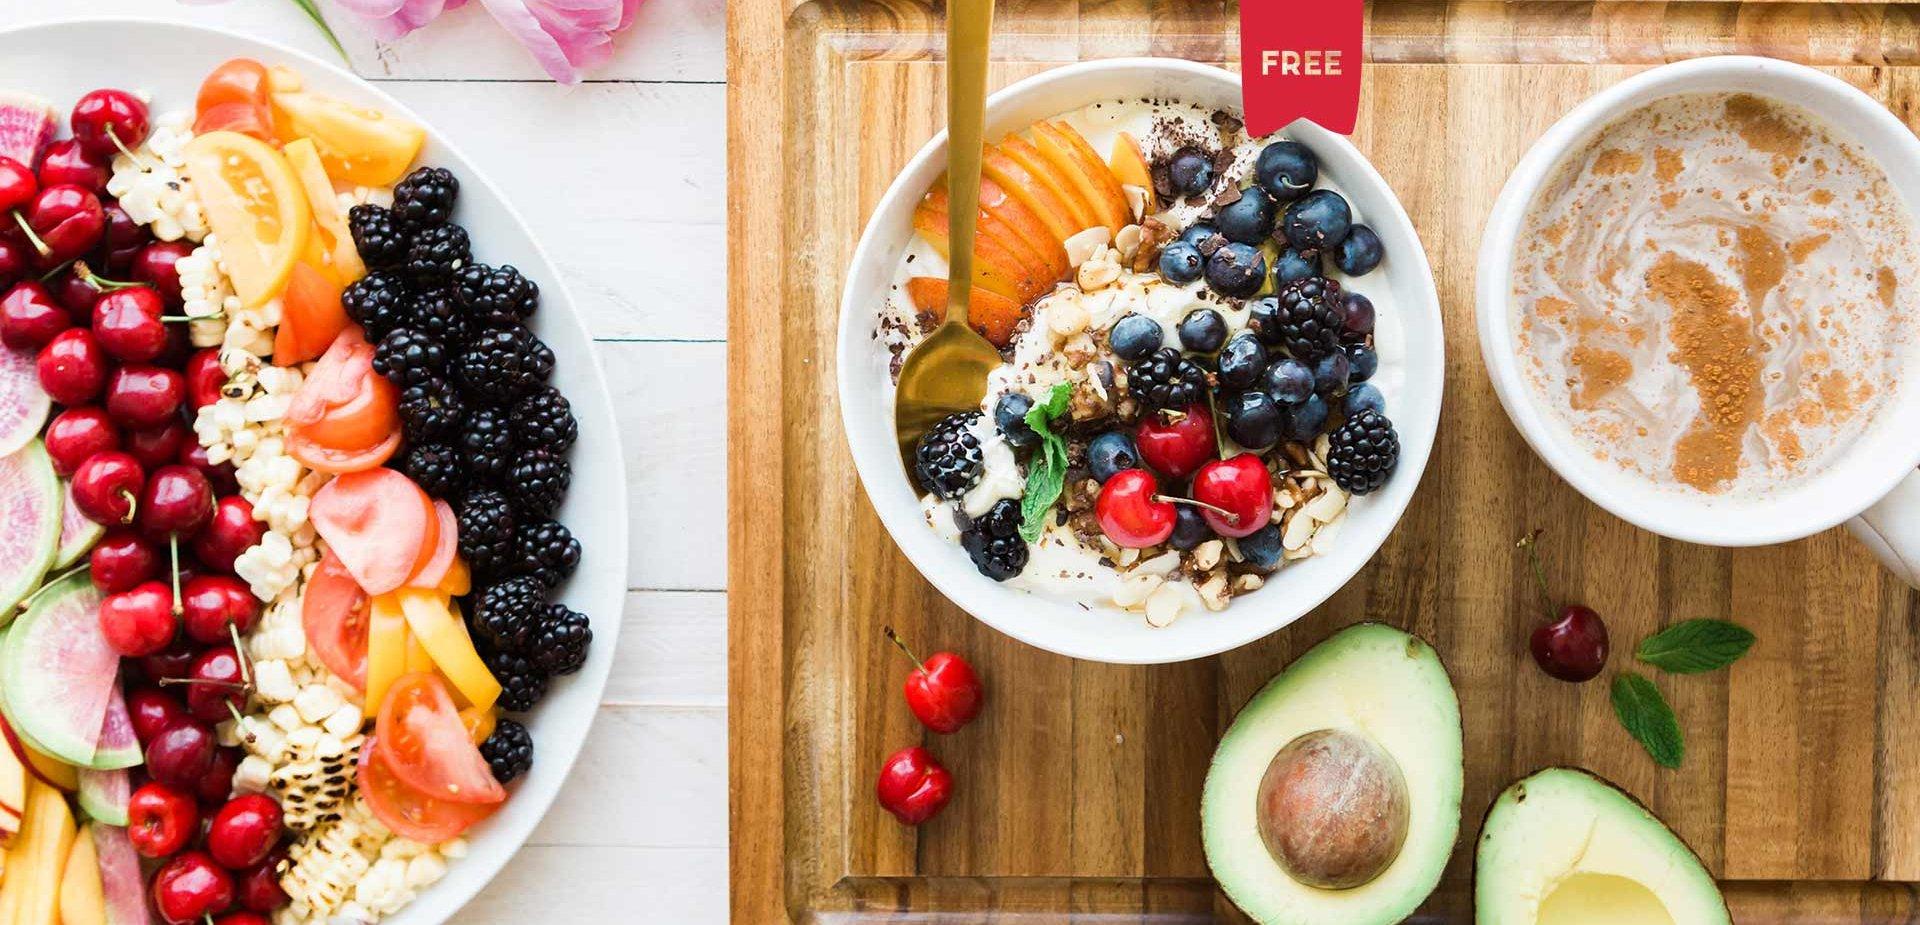 Alimentação consciente: nova trend ou essencialmente back to basics? | Por Ana Guimarães (Bwizer Magazine)